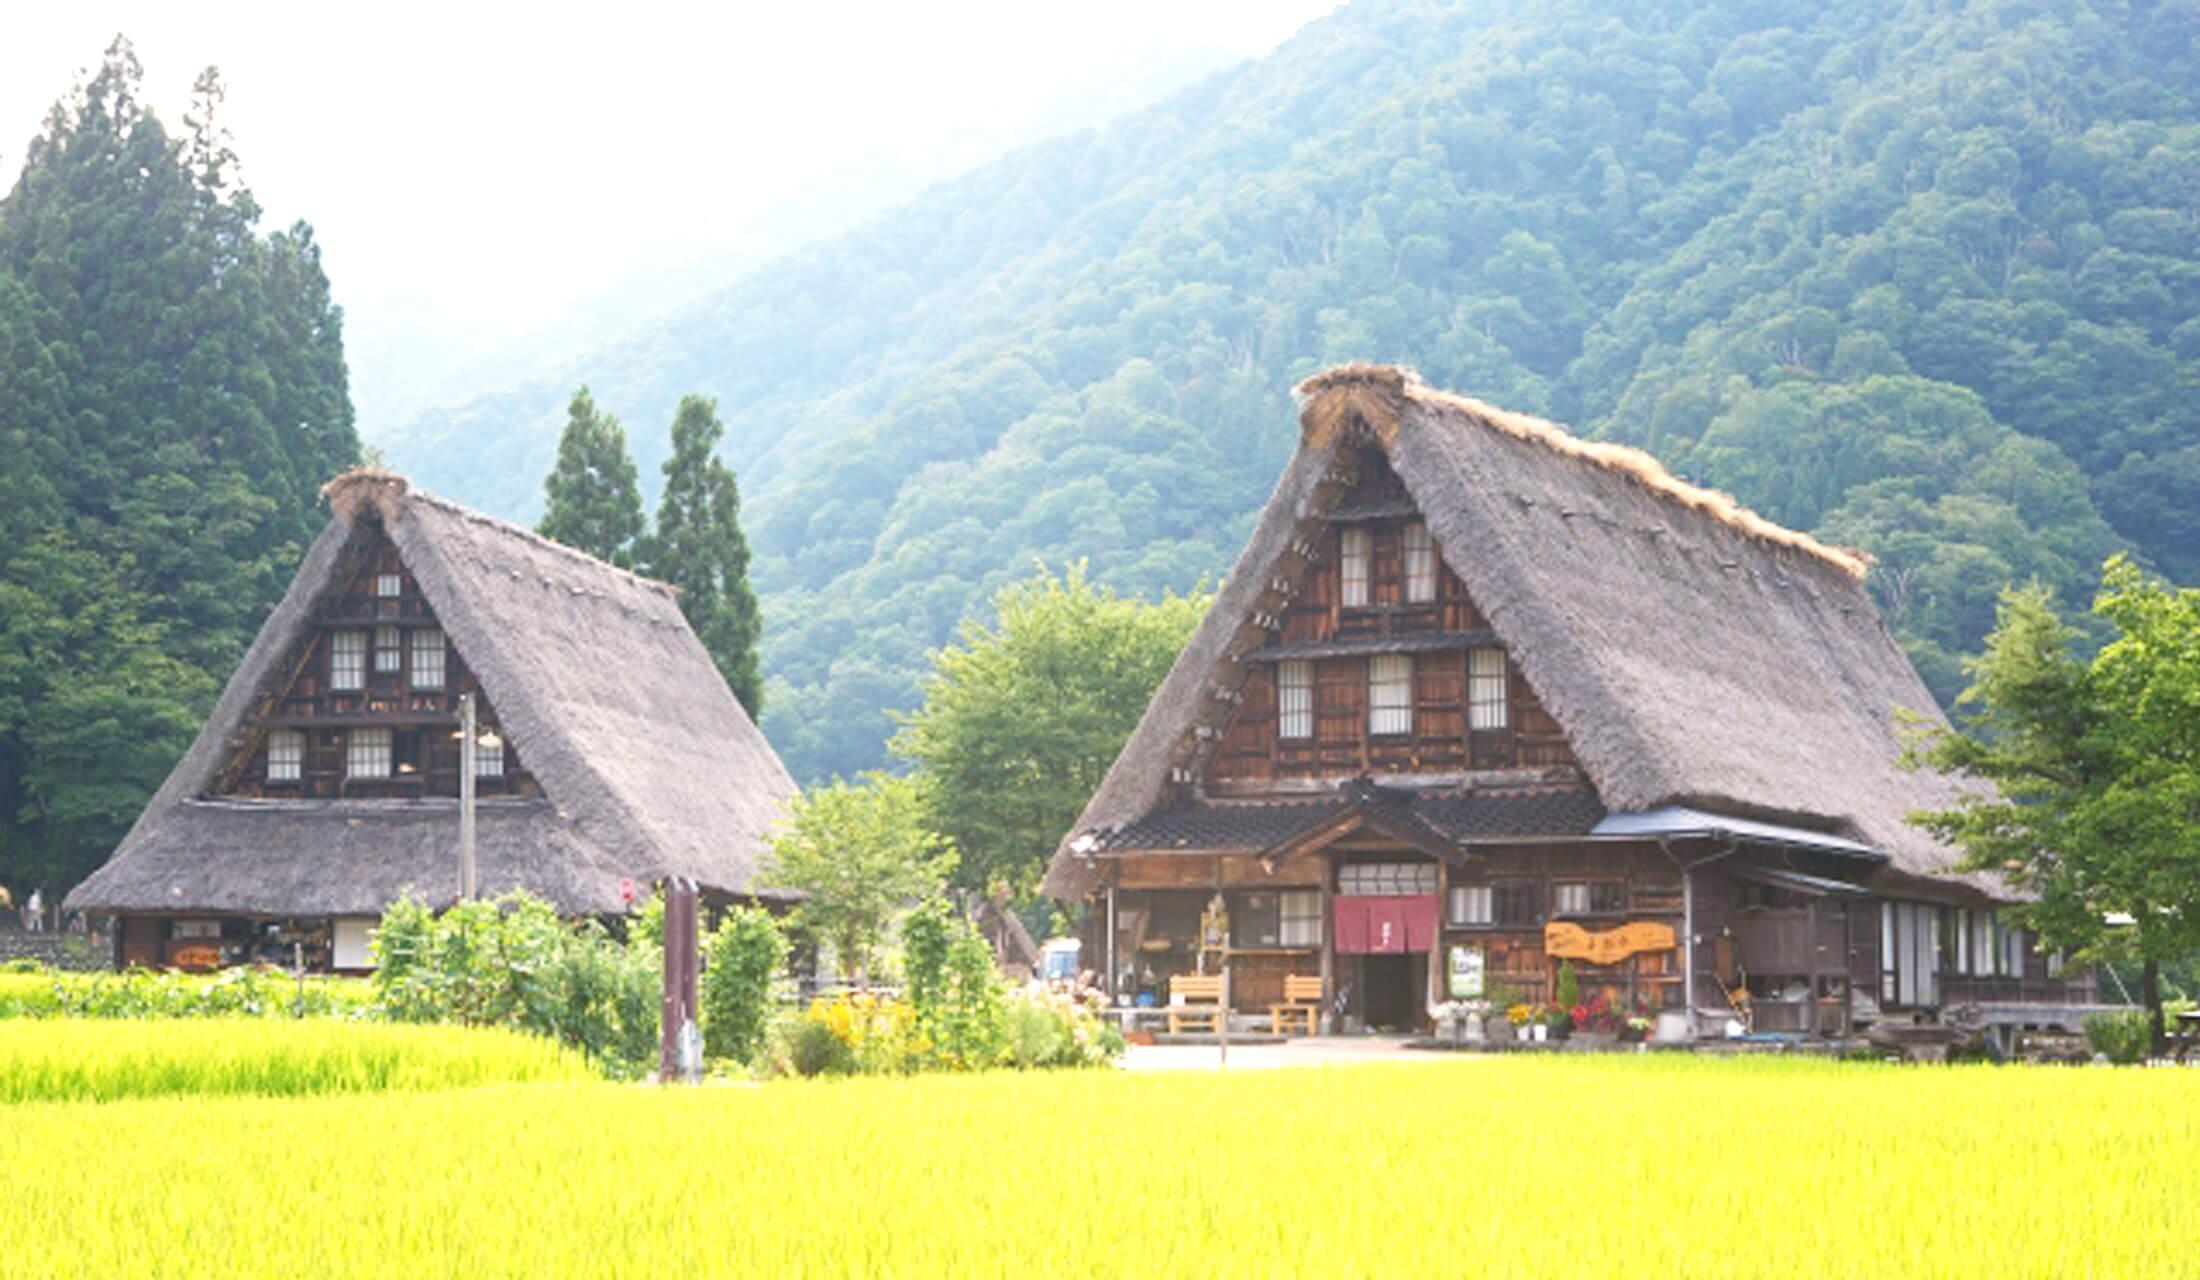 田園風景の中に建つ2軒の茅葺き屋根の合掌造りの古民家